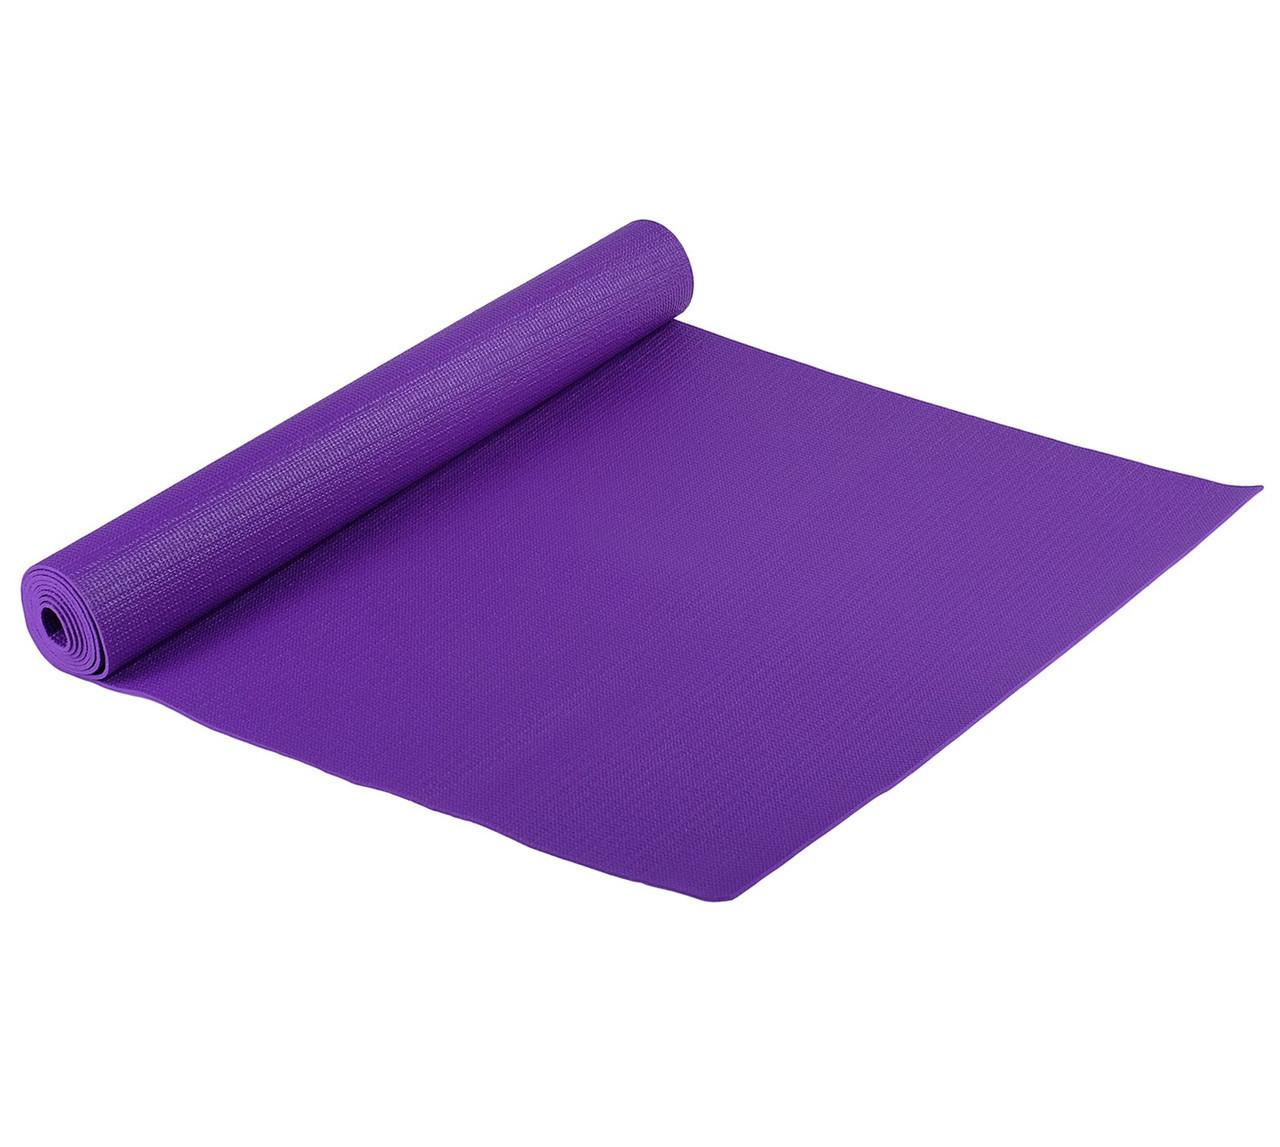 Классический многофункциональный коврик для йоги MS 1846-1 Фиолетовый   йогамат   йога мат  коврик для фитнеса